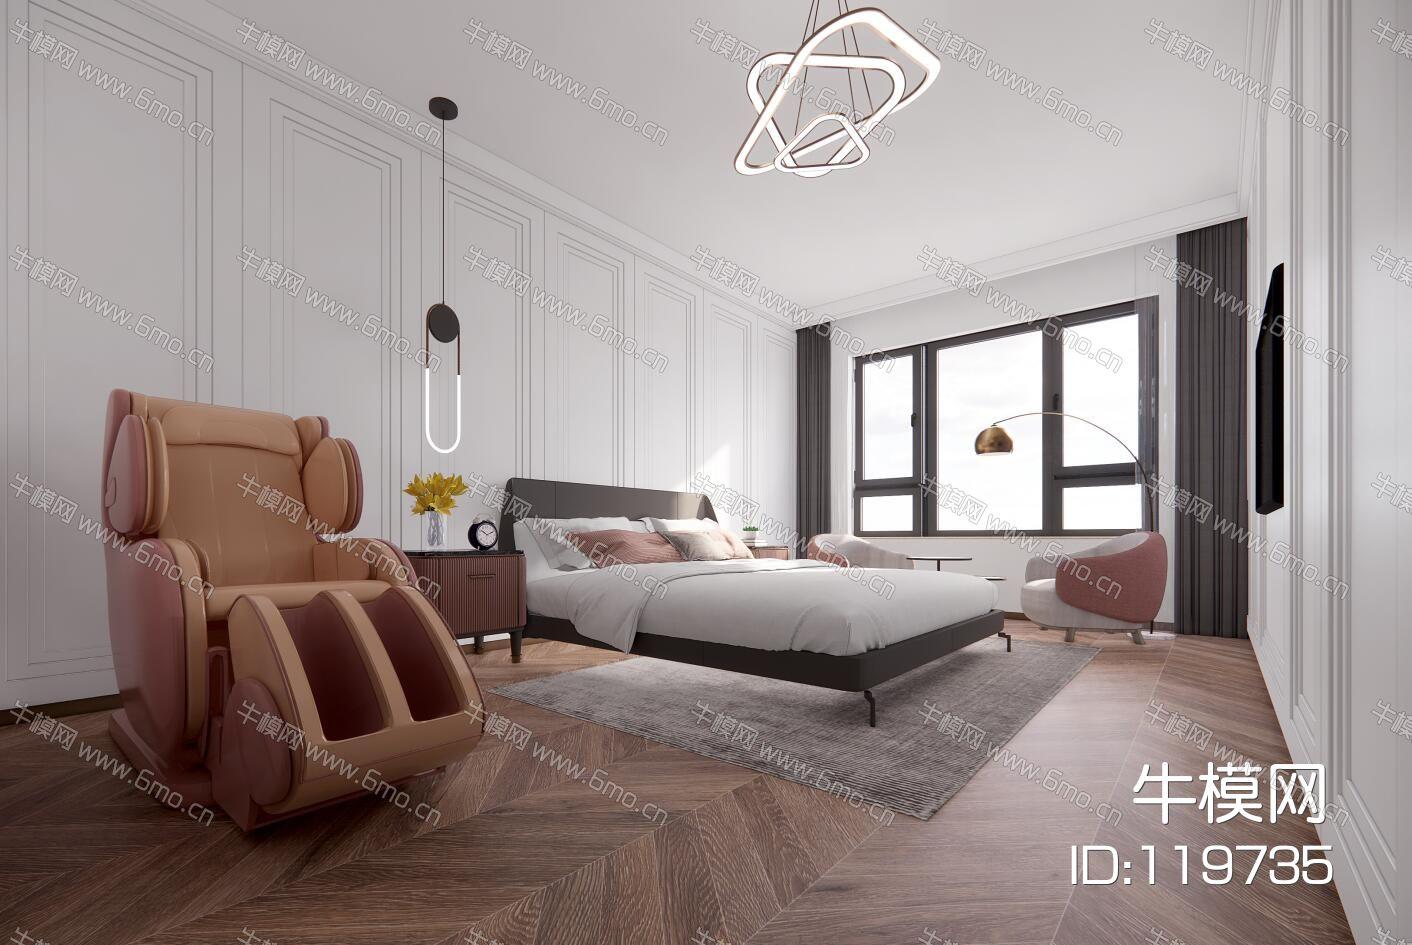 超精细现代家装卧室设计